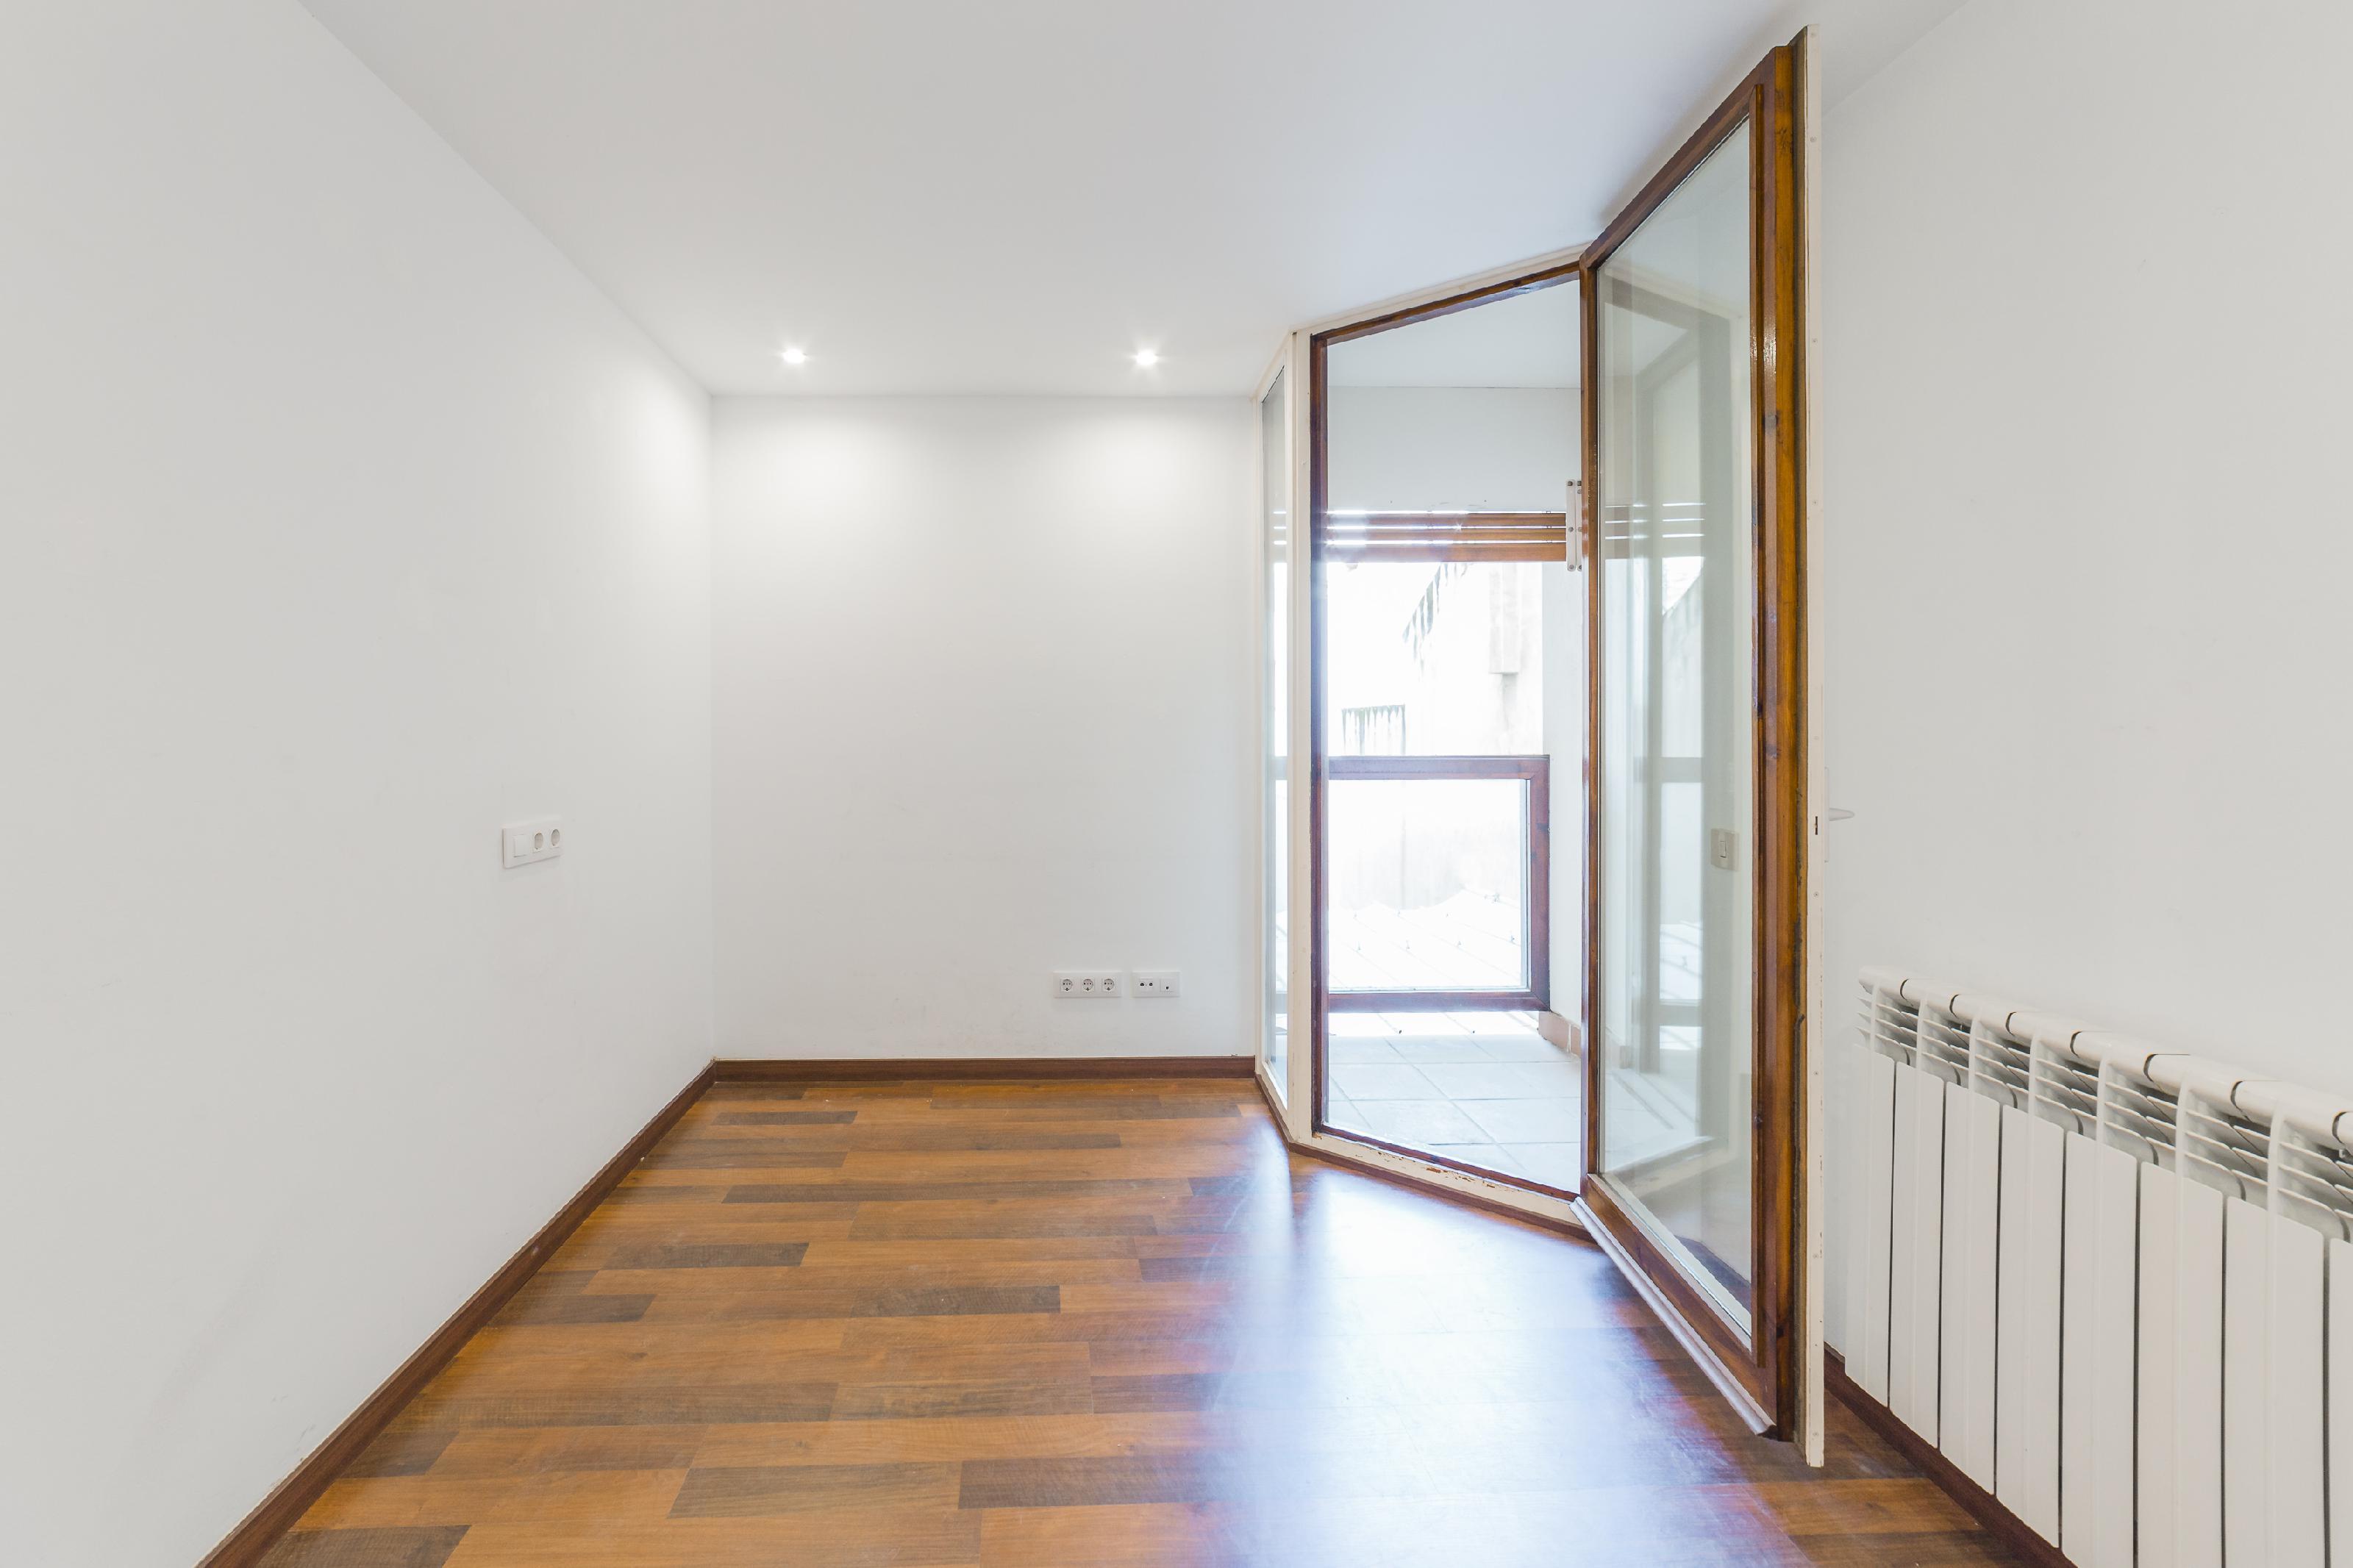 250718 Flat for sale in Sarrià-Sant Gervasi, Sarrià 10